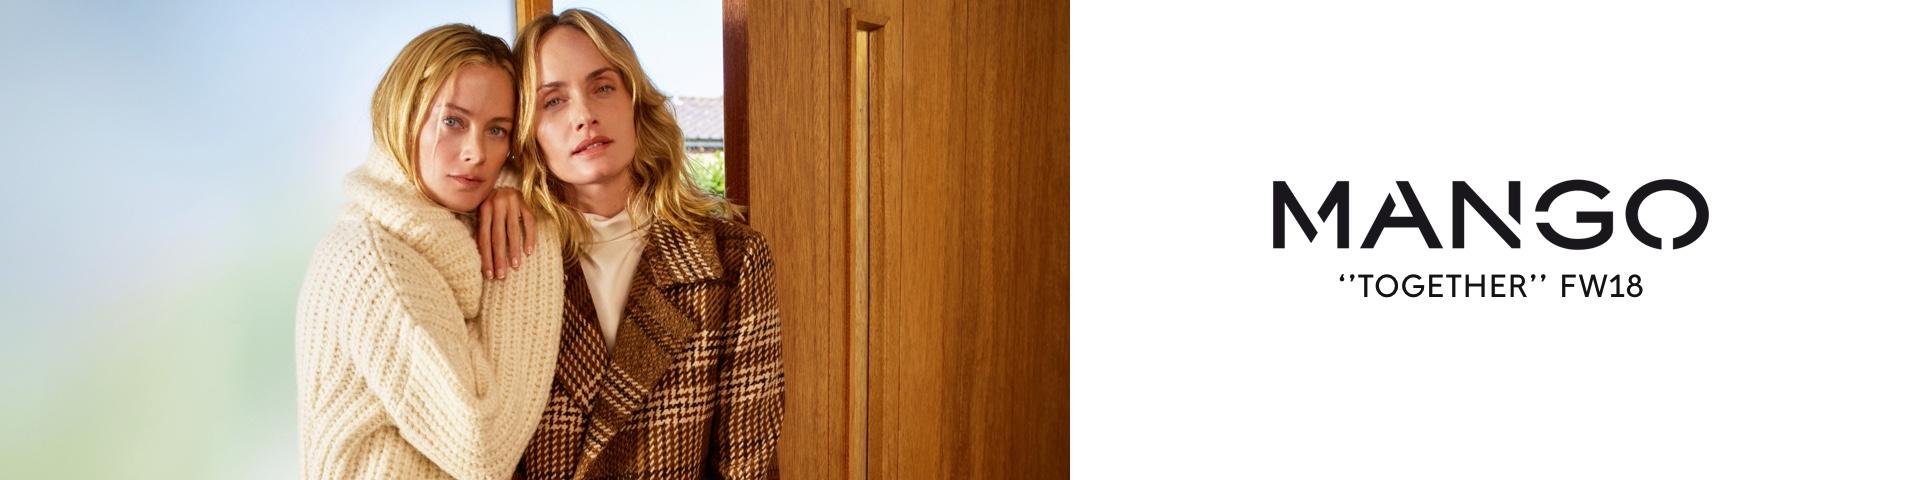 Manteaux femme Mango   Achat en ligne sur Zalando 4709d8f24eb